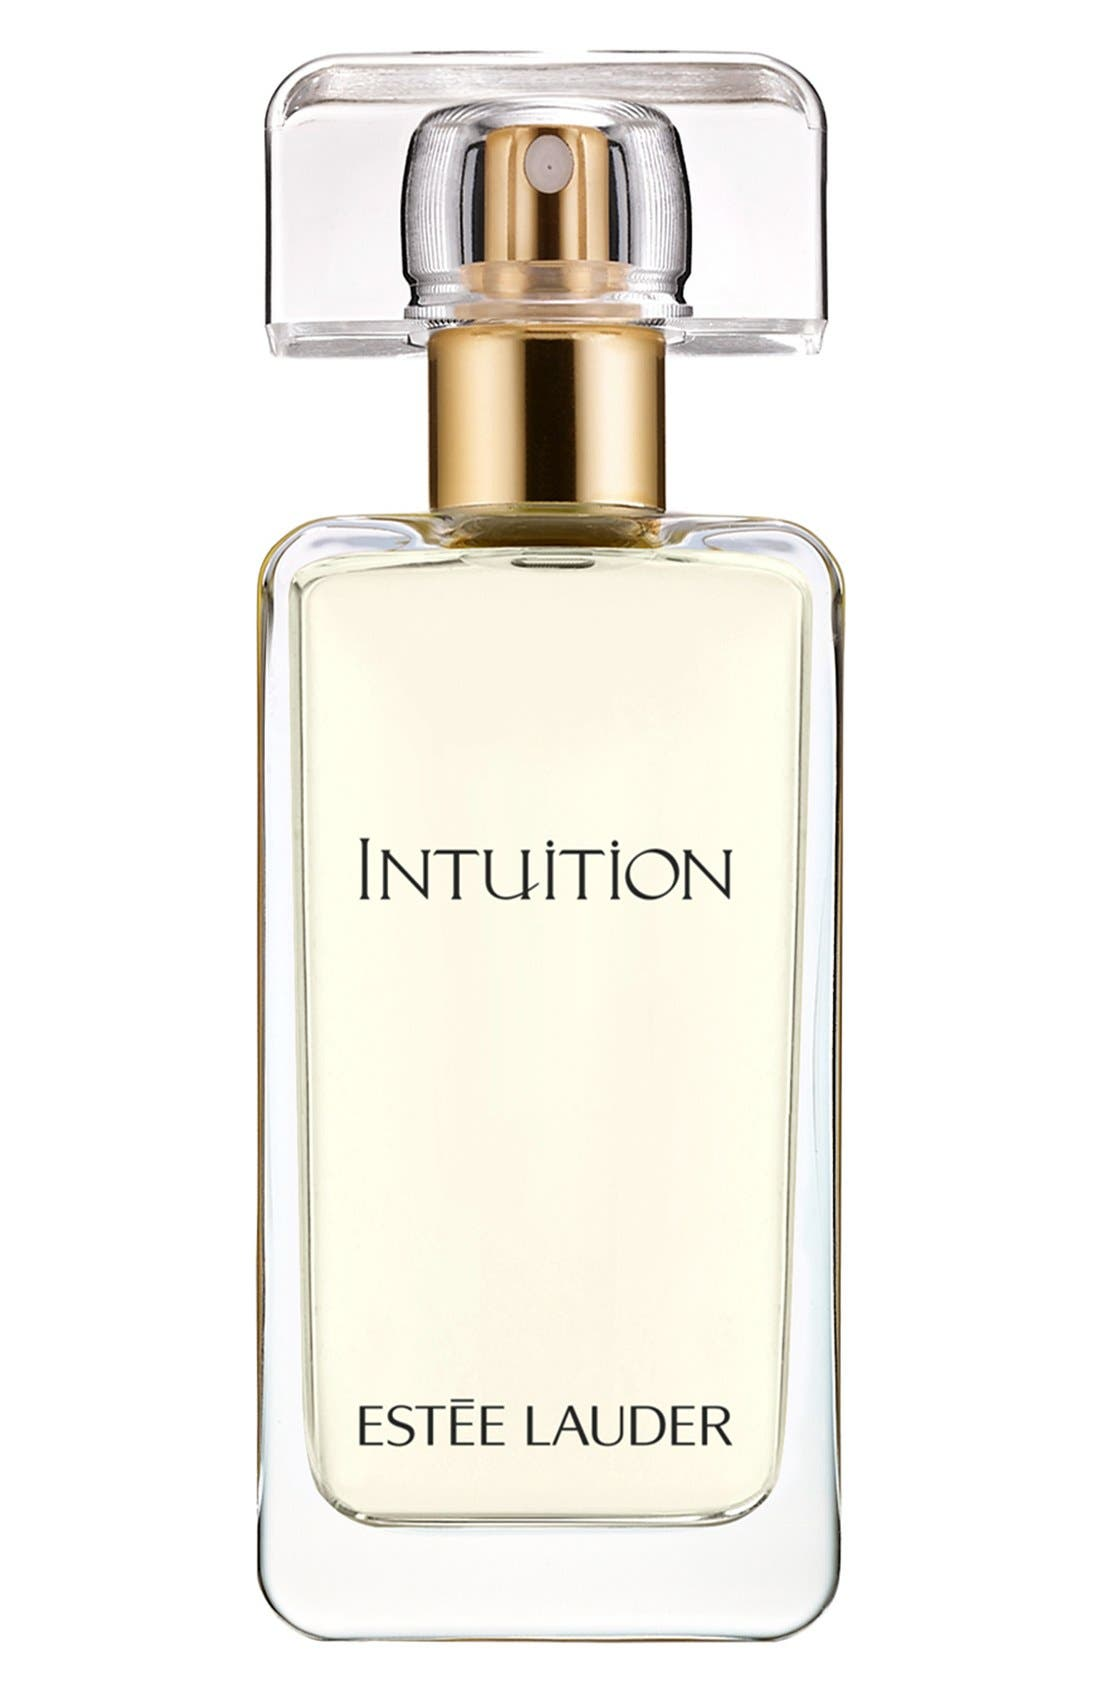 Estée Lauder Intuition Eau de Parfum Spray